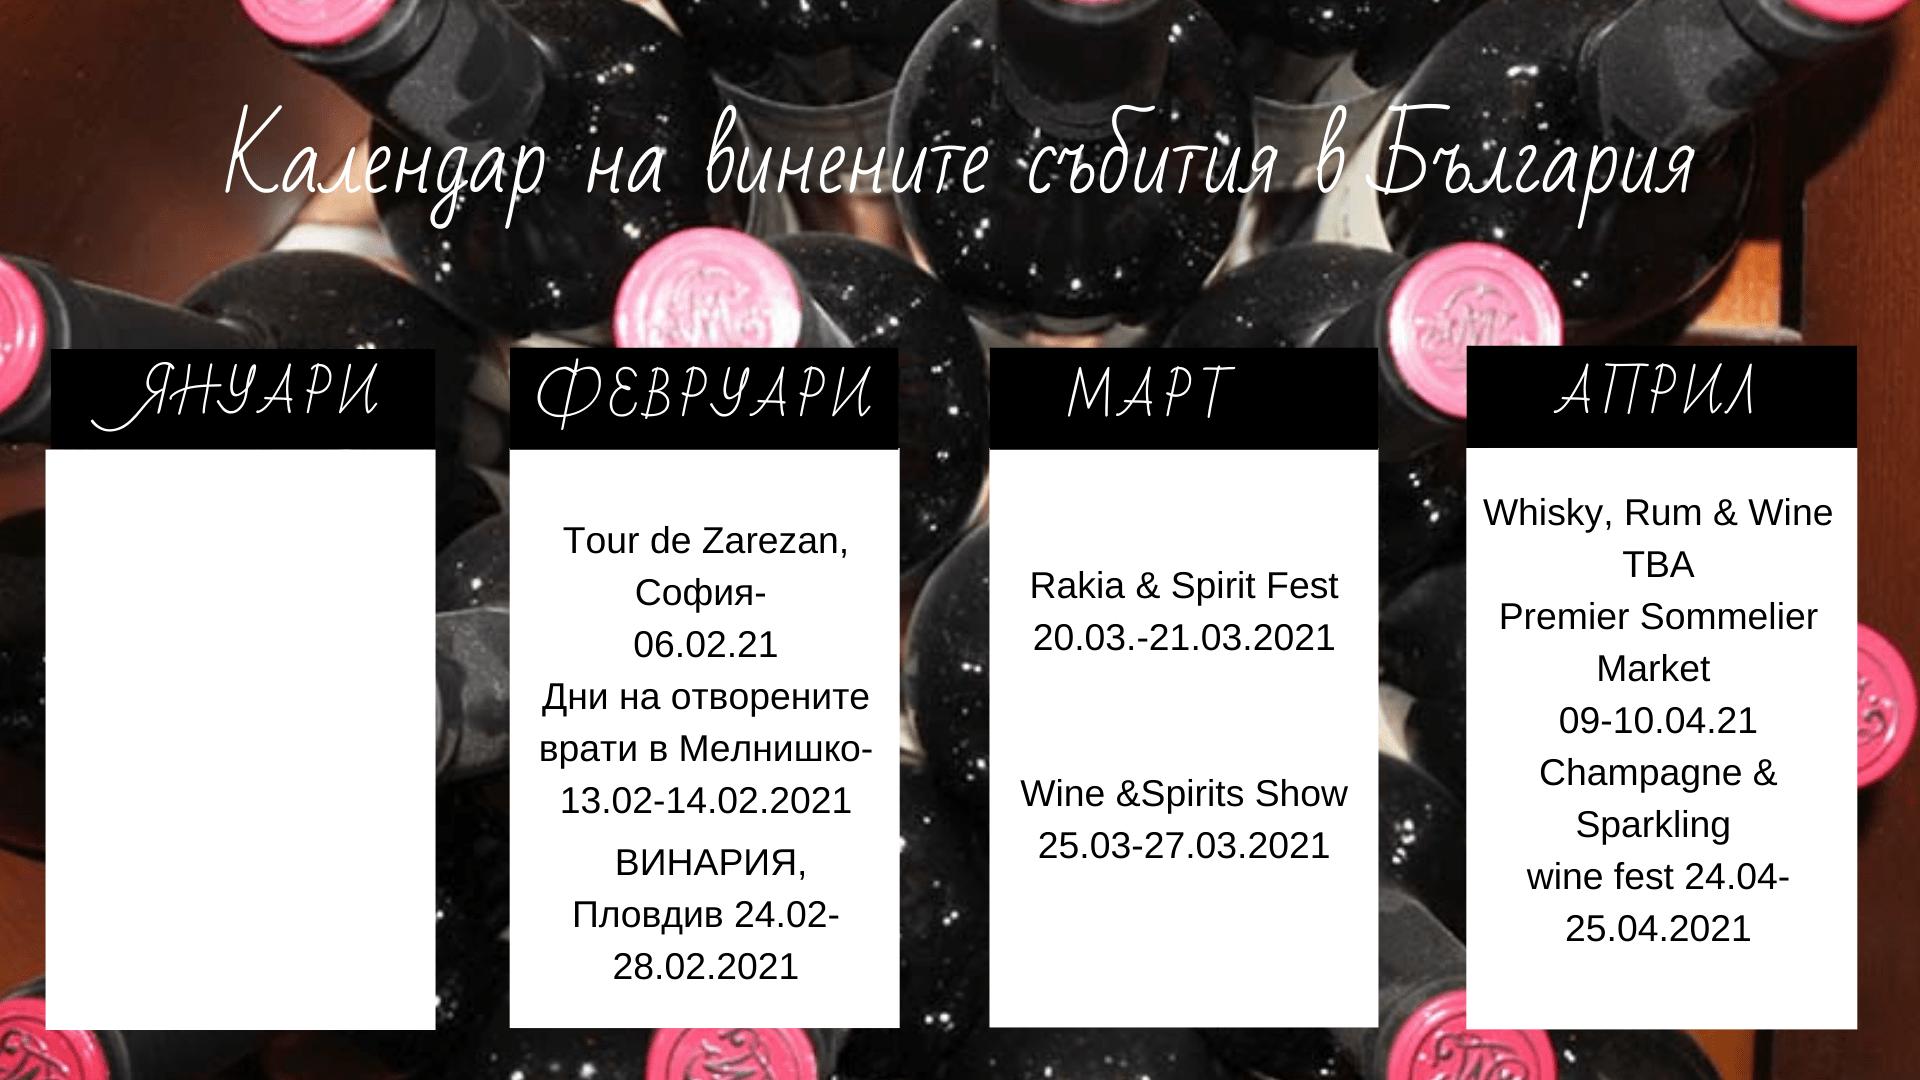 календар на винените събития в България